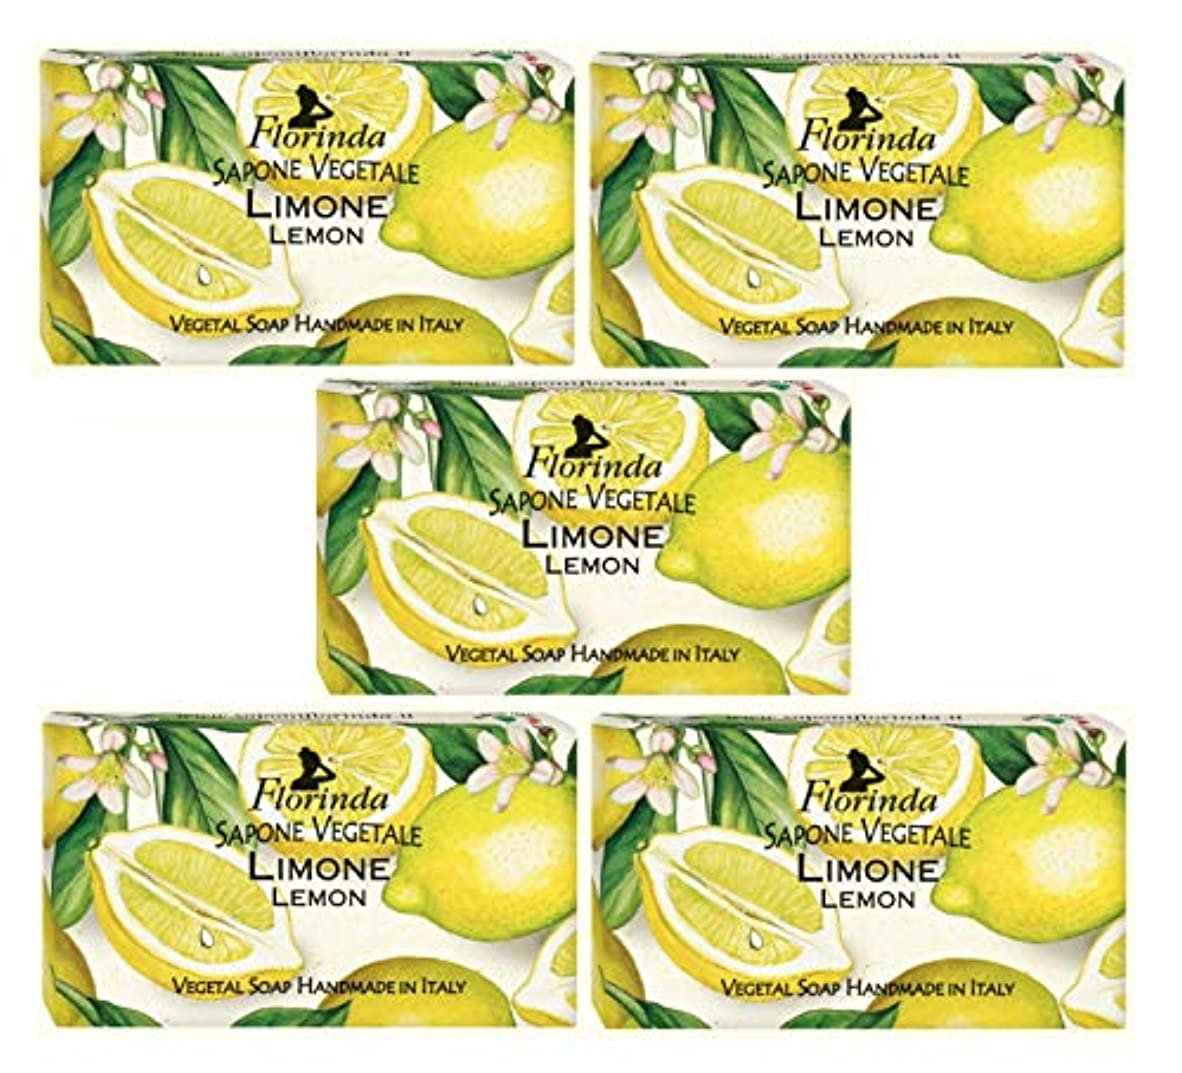 ピーク過激派適応フロリンダ フレグランスソープ 固形石けん フルーツの香り レモン 95g×5個セット